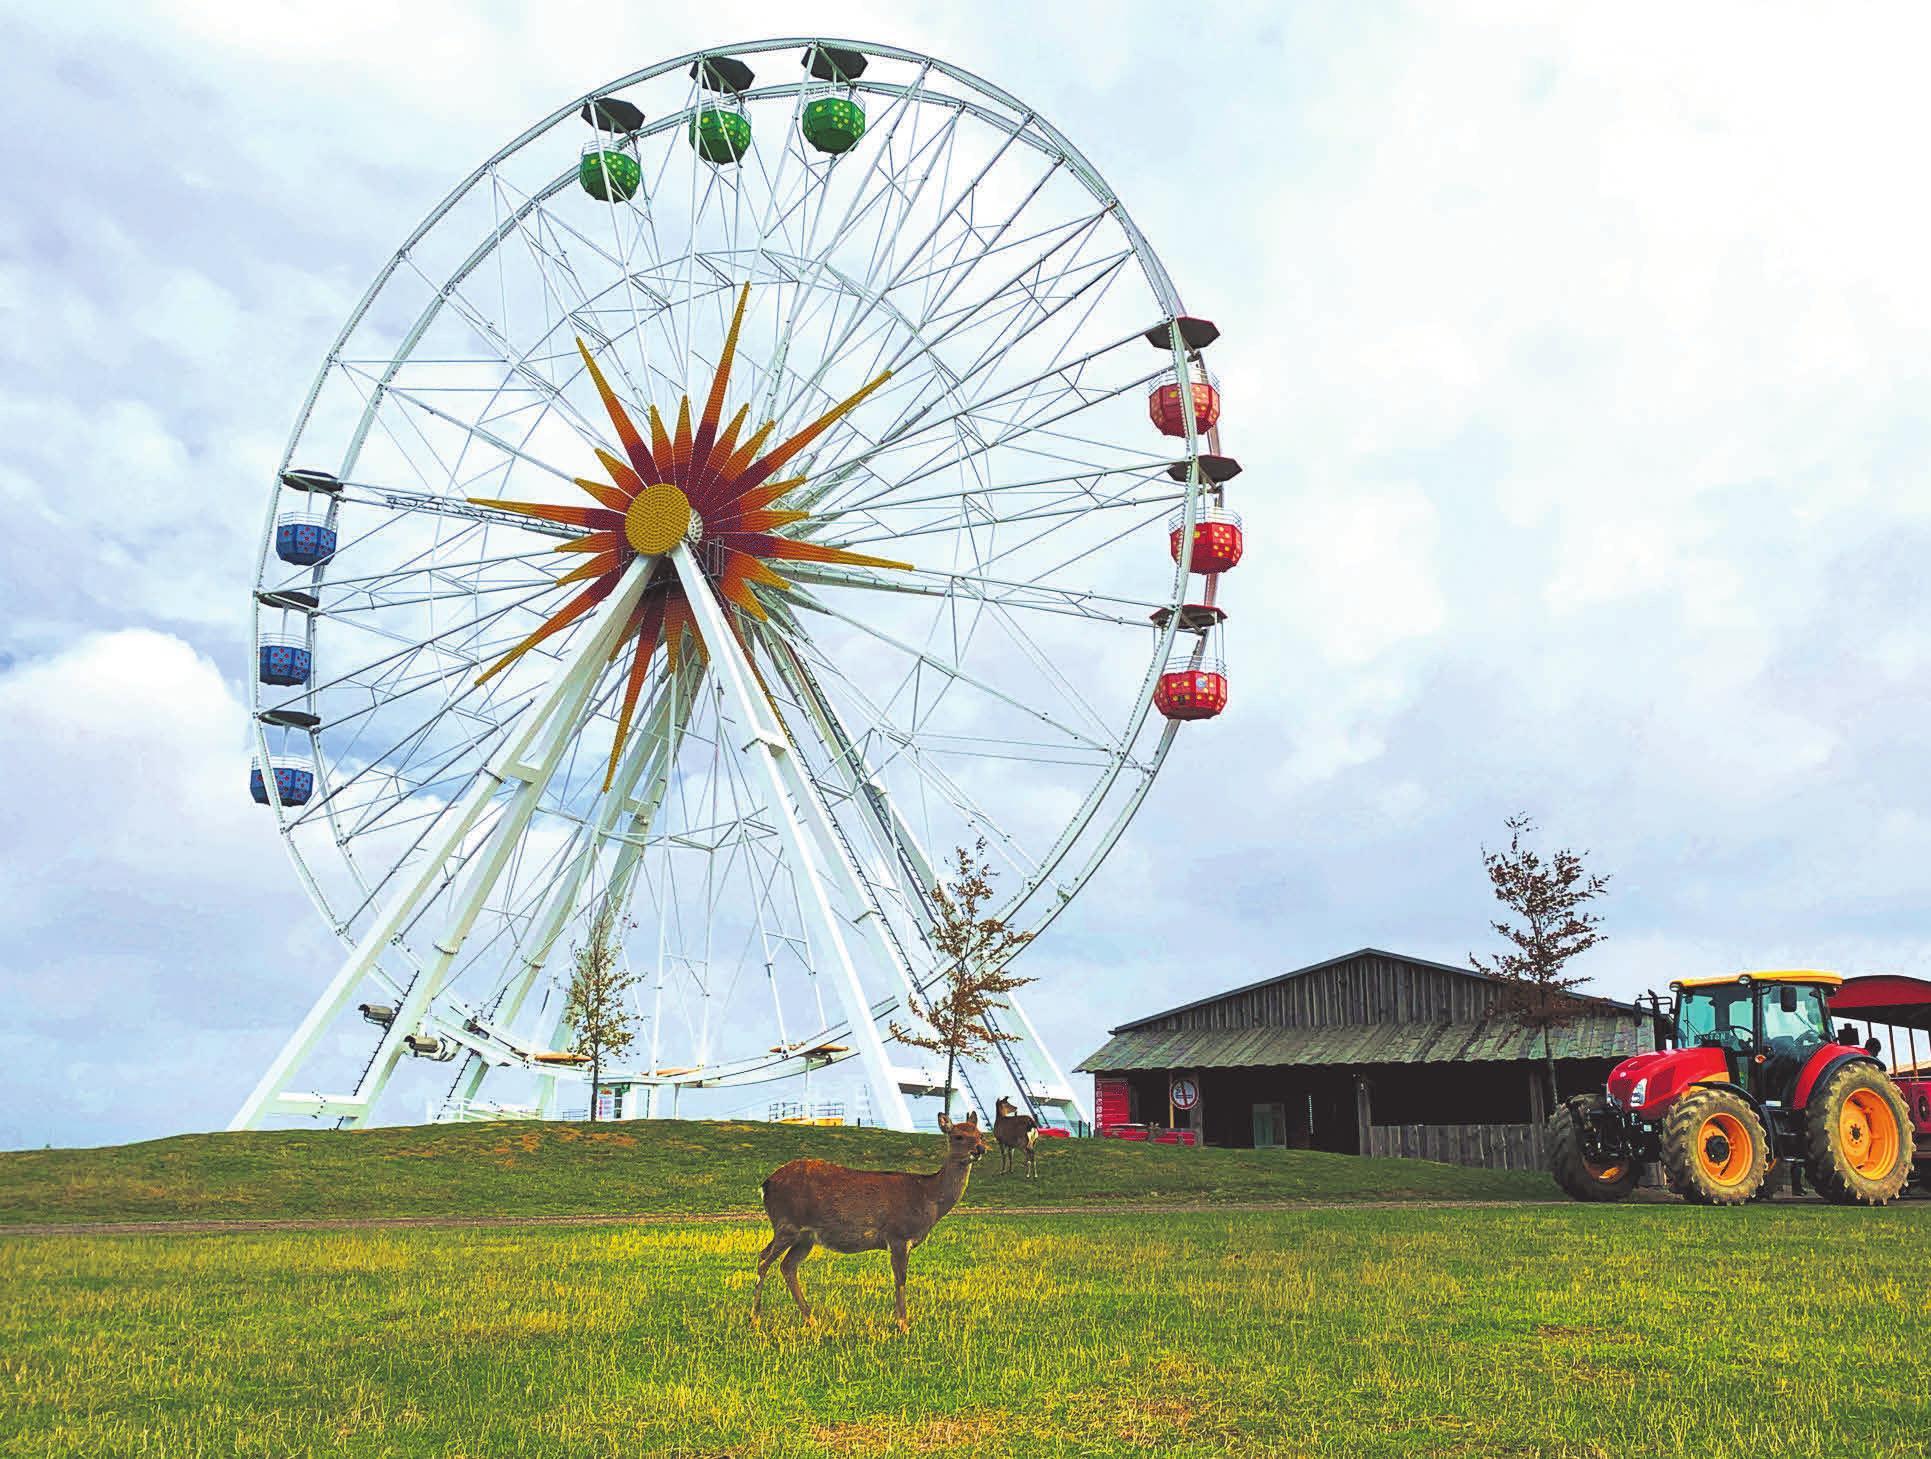 Der Sonnenlandpark Lichtenau hat wieder alle Außenattraktionen wie das Riesenrad geöffnet. Foto: Anita Müller / Sonnenlandpark